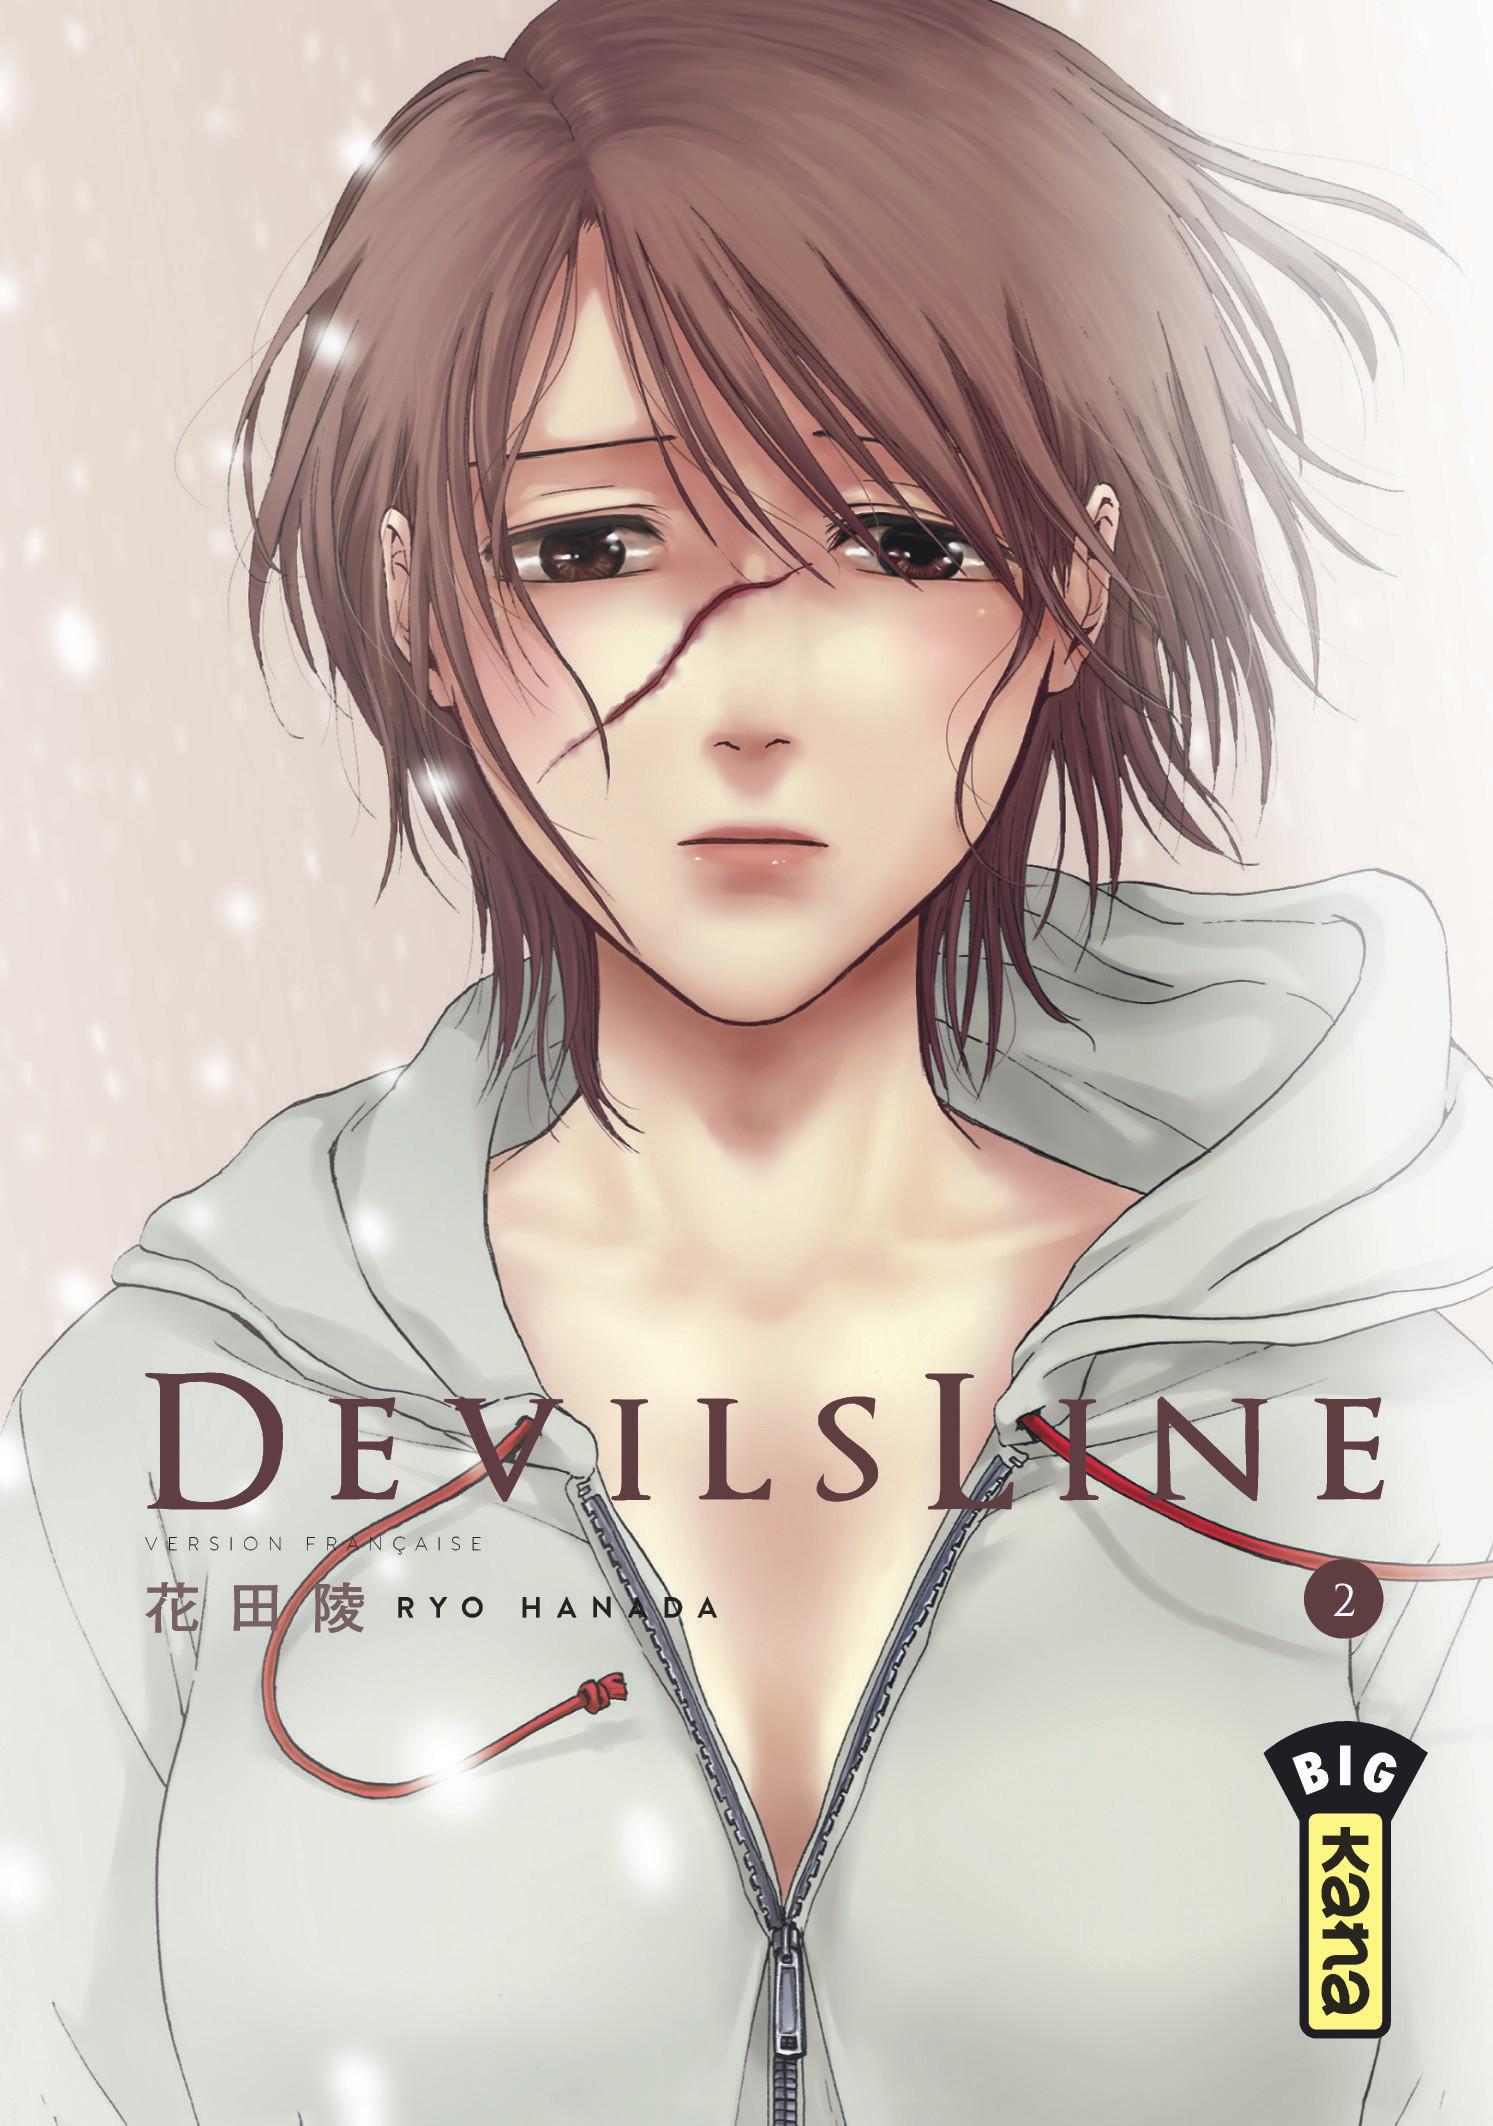 Devils Line Saison 2 Date De Sortie : devils, saison, sortie, Suite, Devil's, été, Annoncées, Nipponzilla